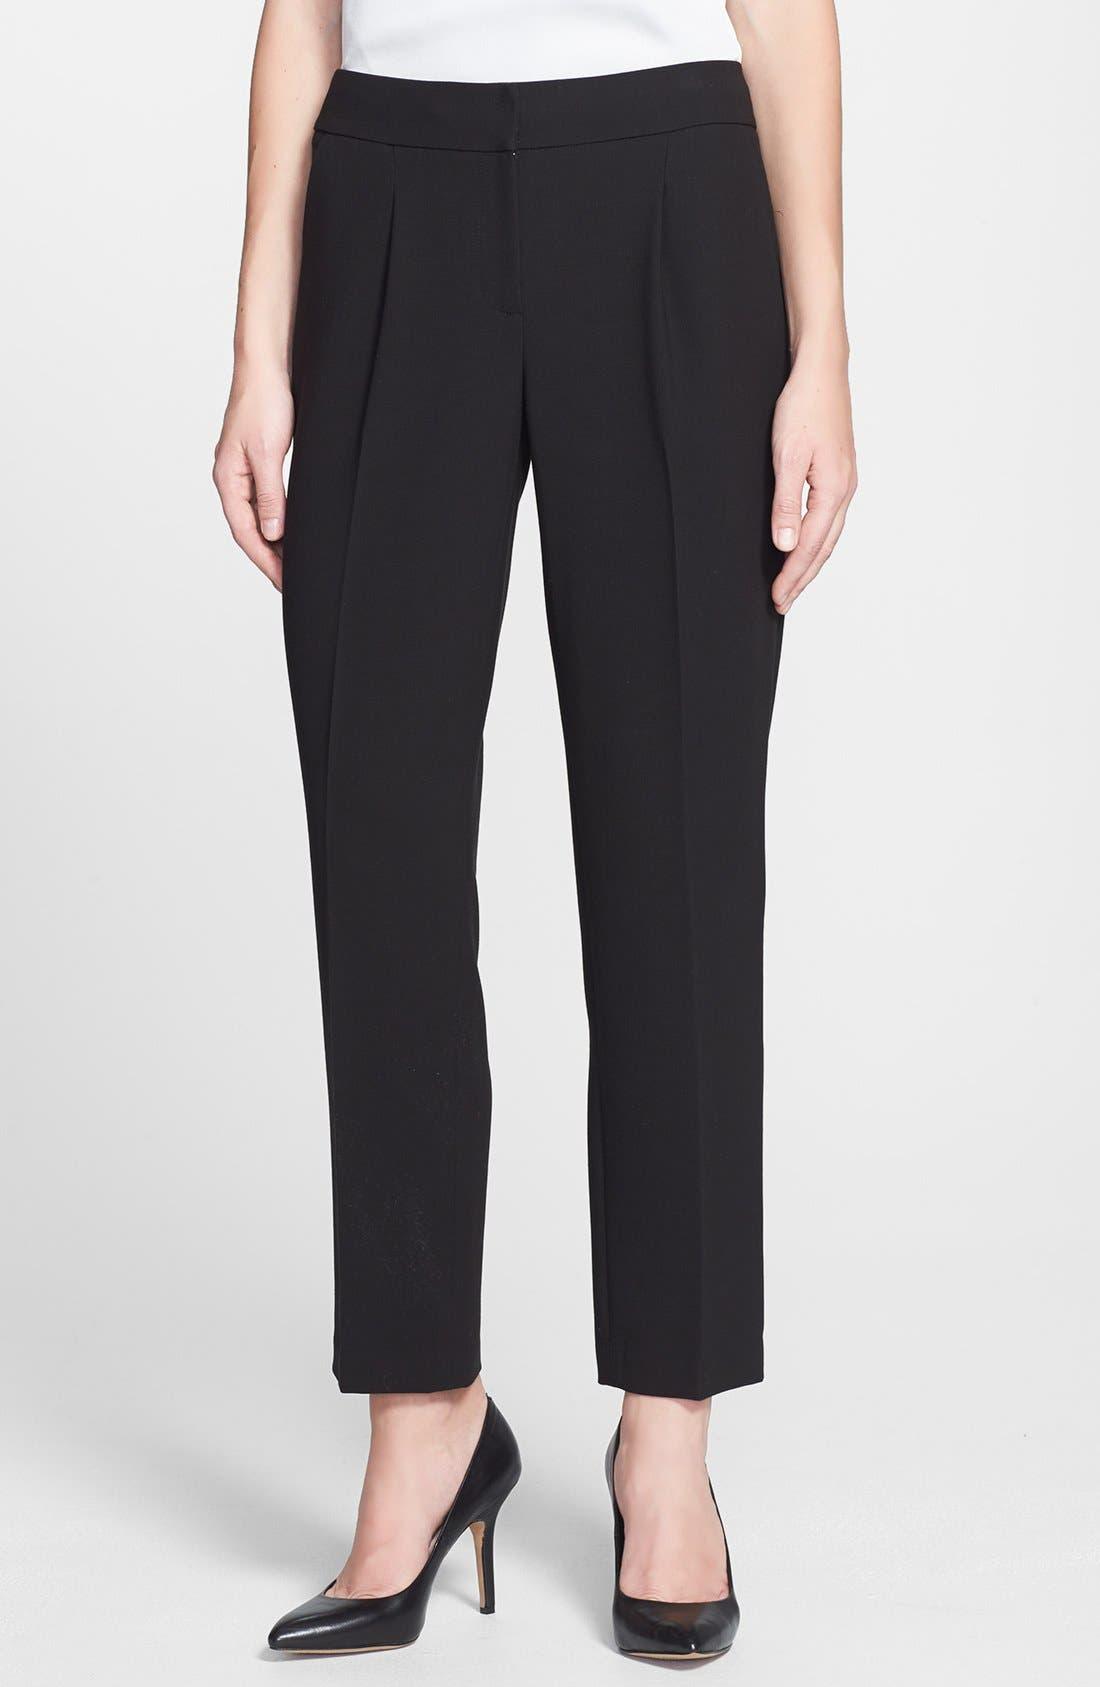 Alternate Image 1 Selected - Classiques Entier® 'Lavish Drape' Ankle Pants